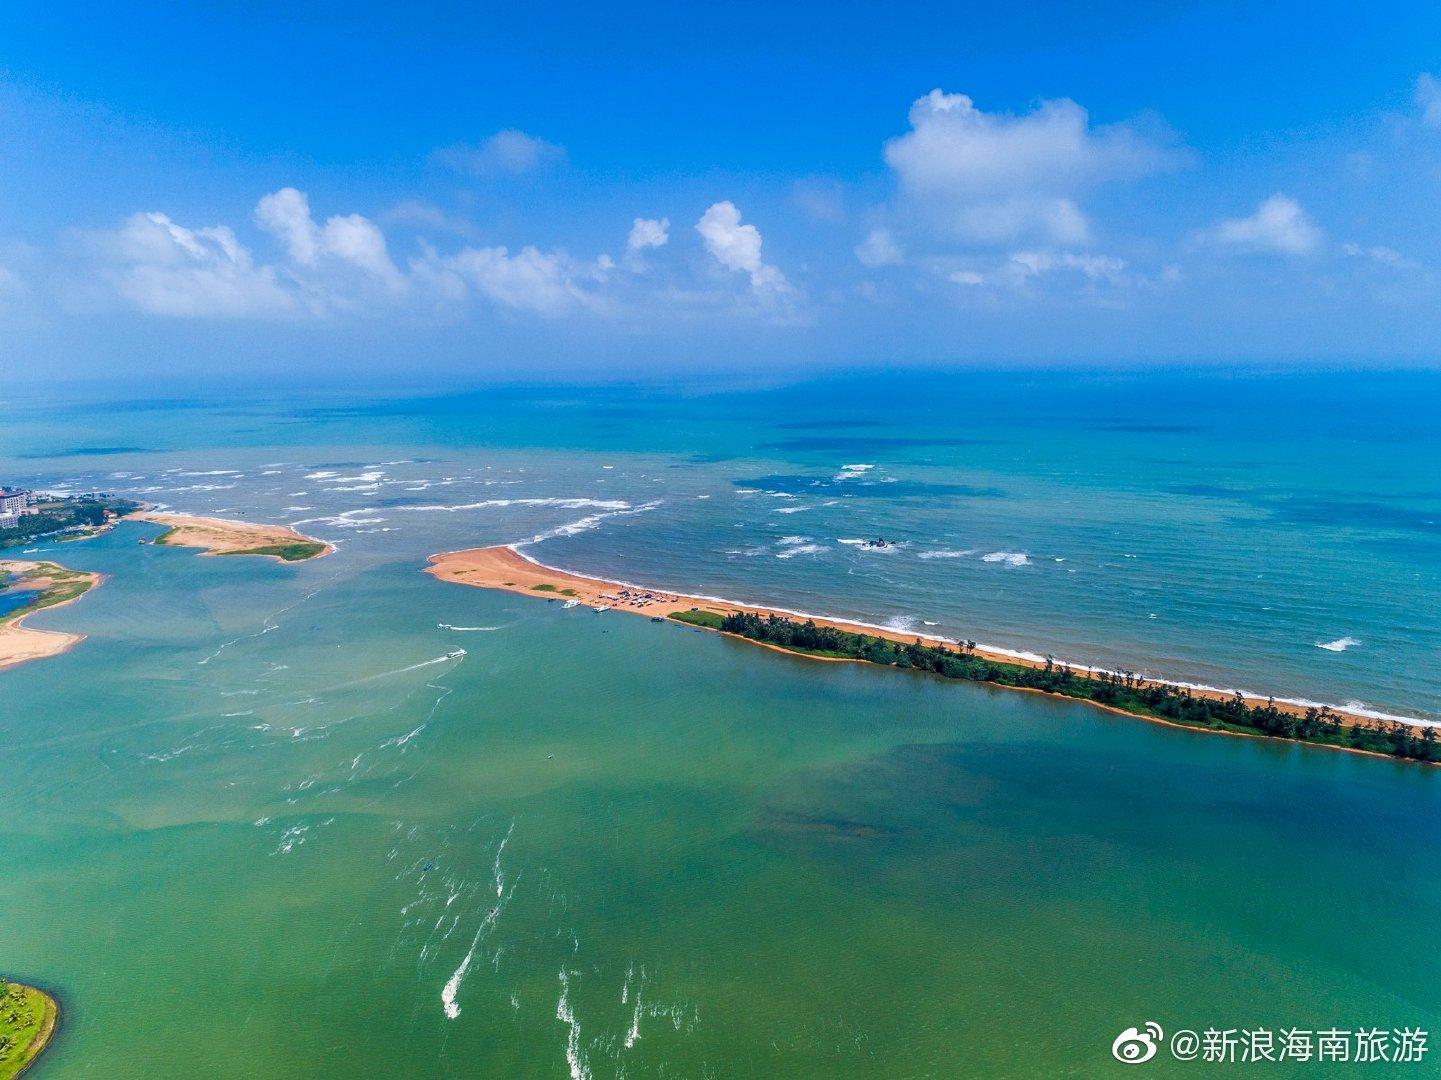 玉带滩是琼海市博鳌镇一处沙滩半岛